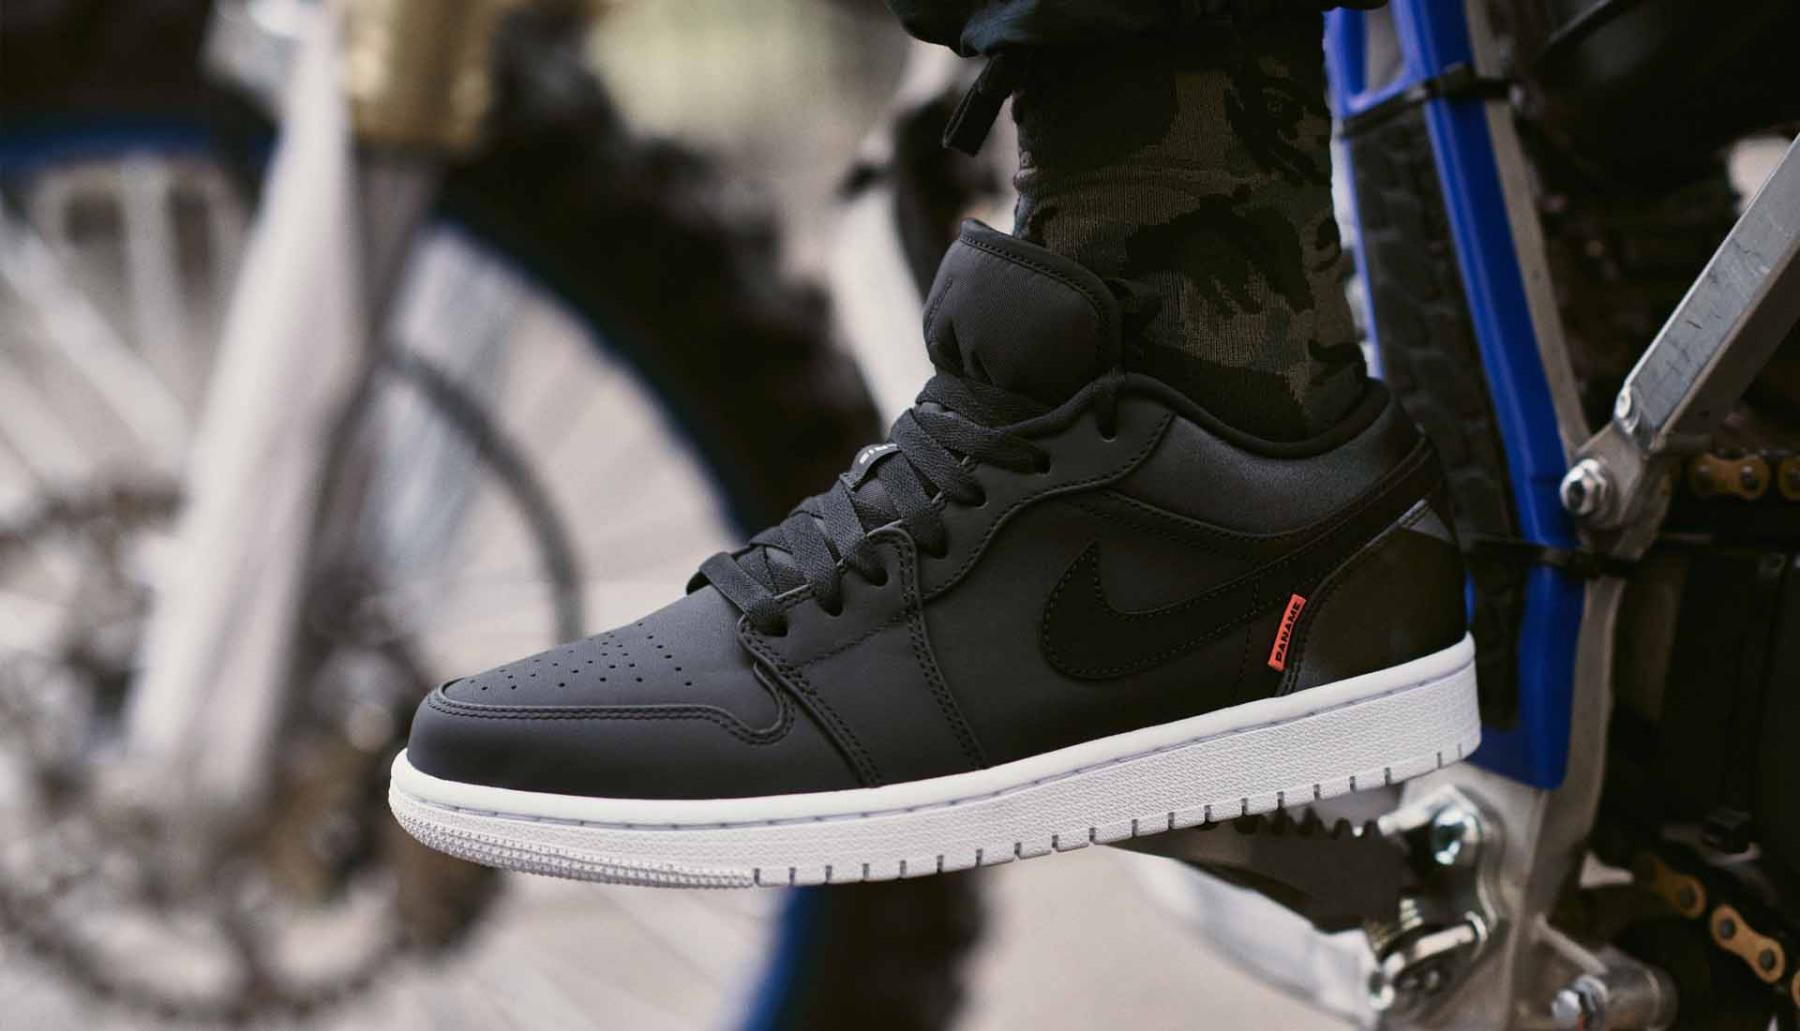 PSG Jordan Brand Air Jordan 1 Low